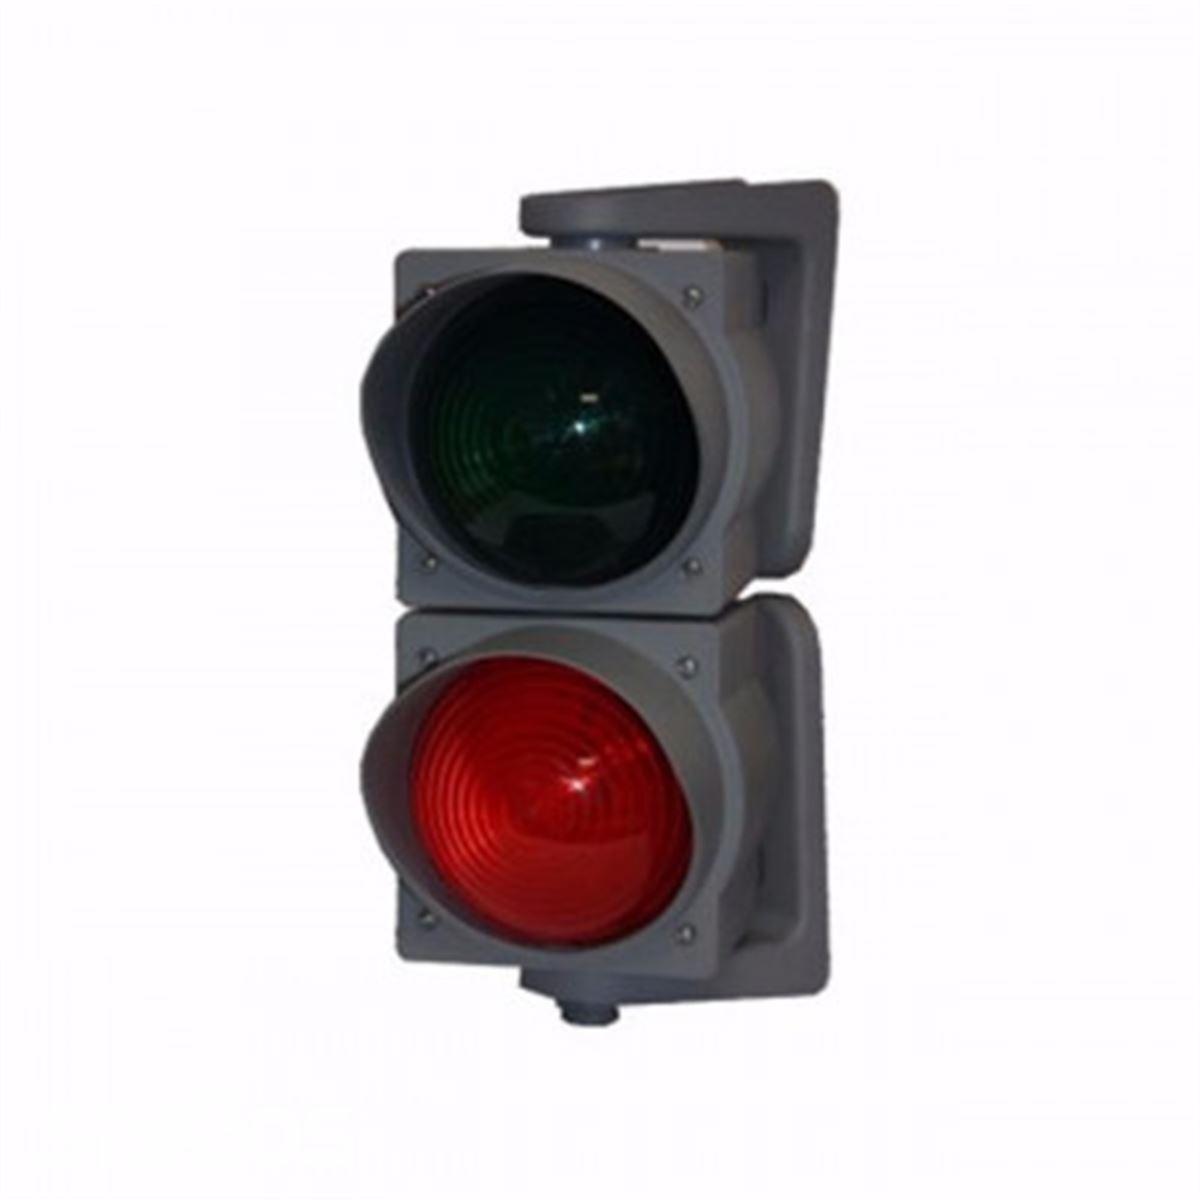 semafor k průmyslovým vratům